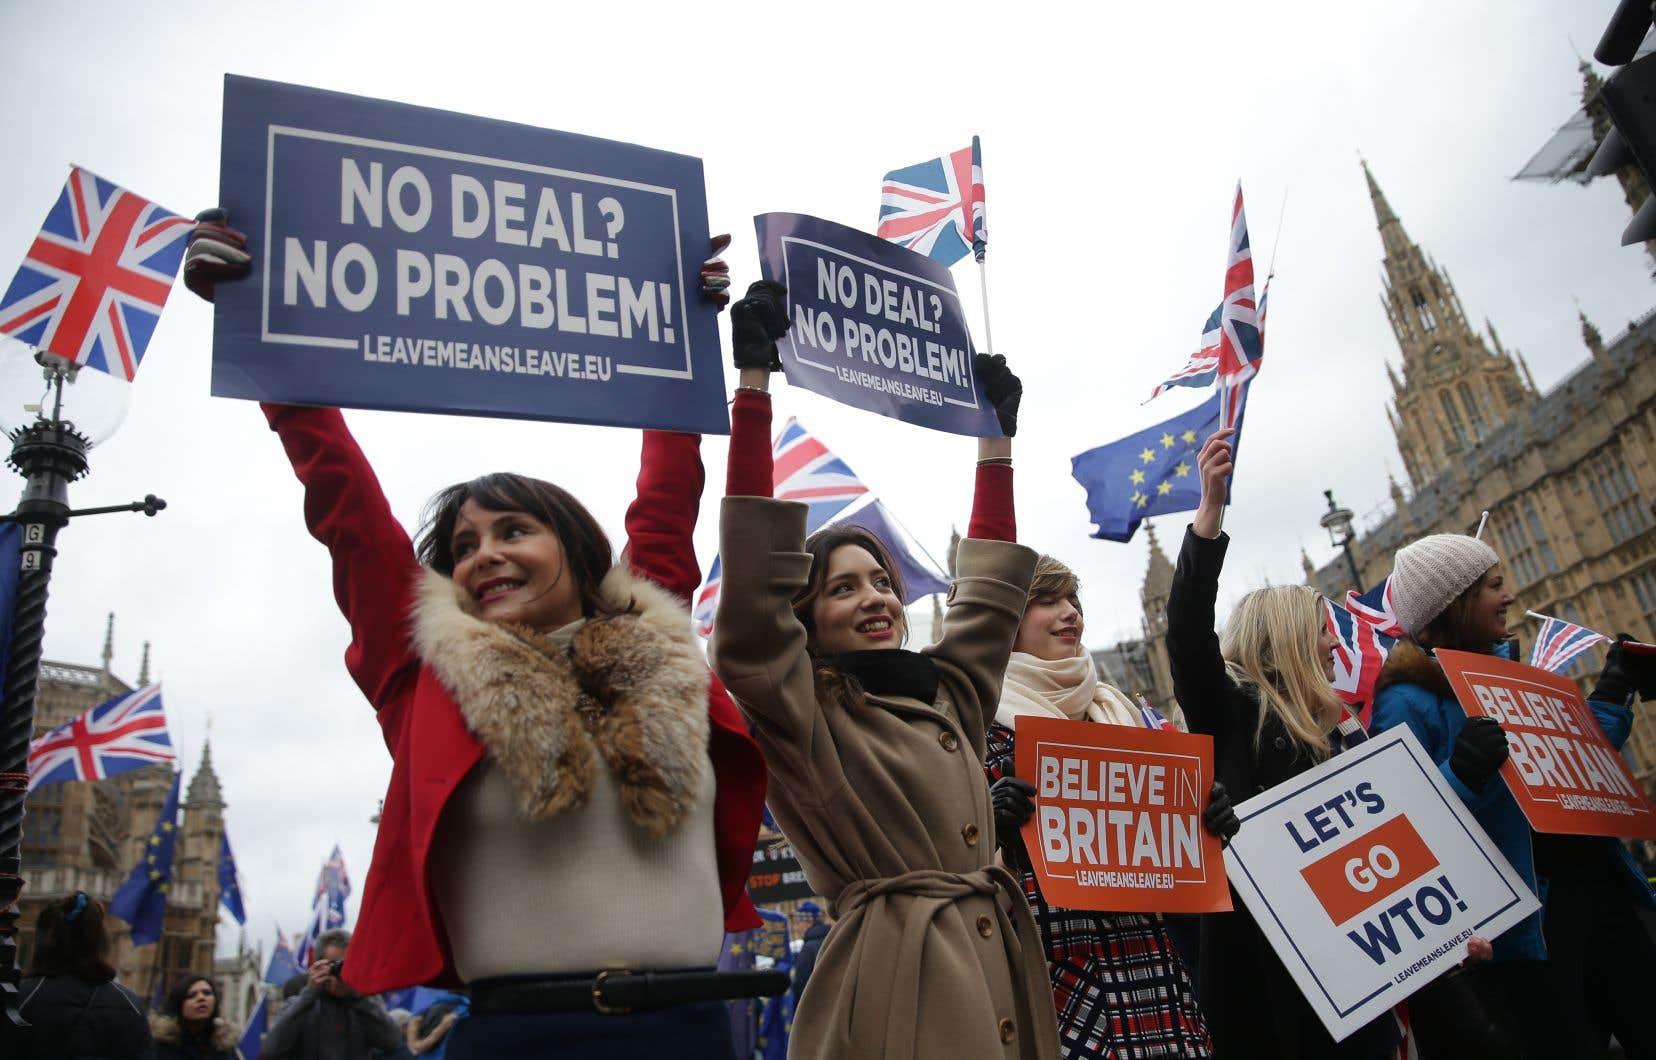 La fébrilité régnait également autour du Parlement de Westminster, où se sont rassemblés militants pro et anti-Brexit, drapeaux du Royaume-Uni ou de l'UE à la main.